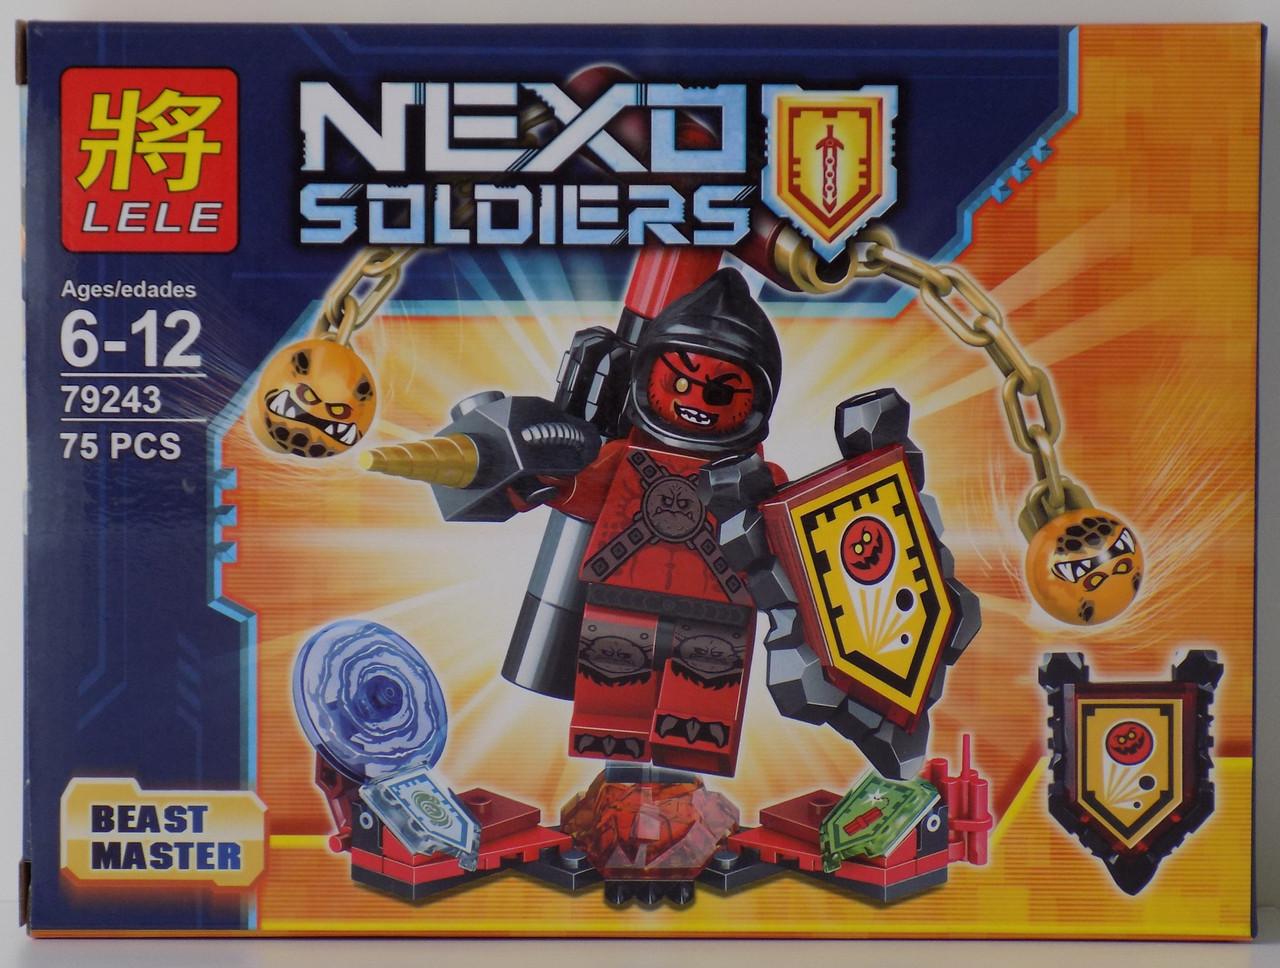 Конструктор Nexo Knights Beast master 792432